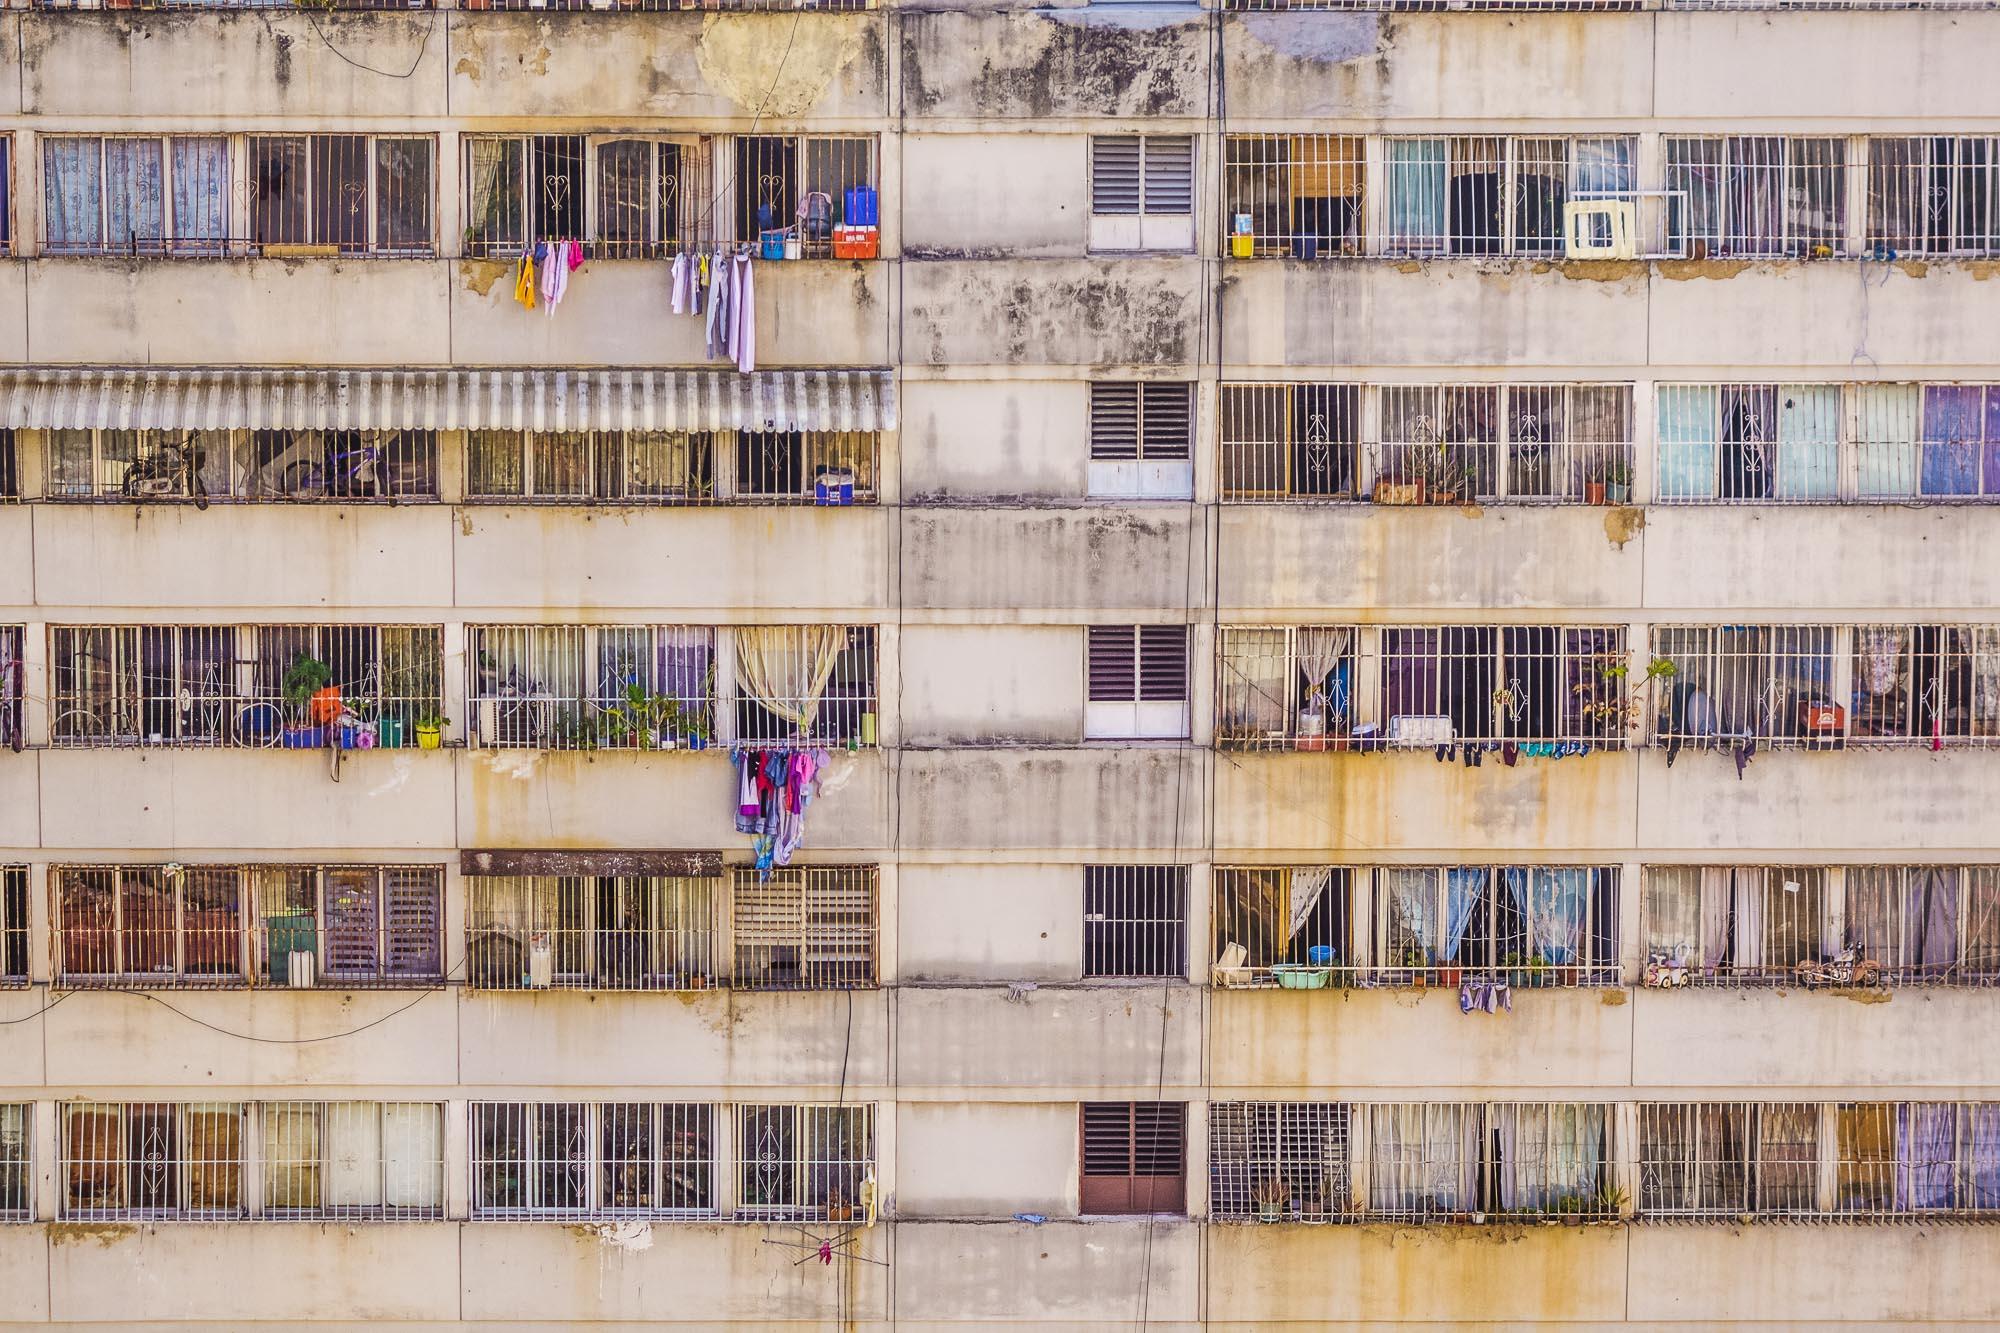 Hochhaus-in-Caracas.jpg